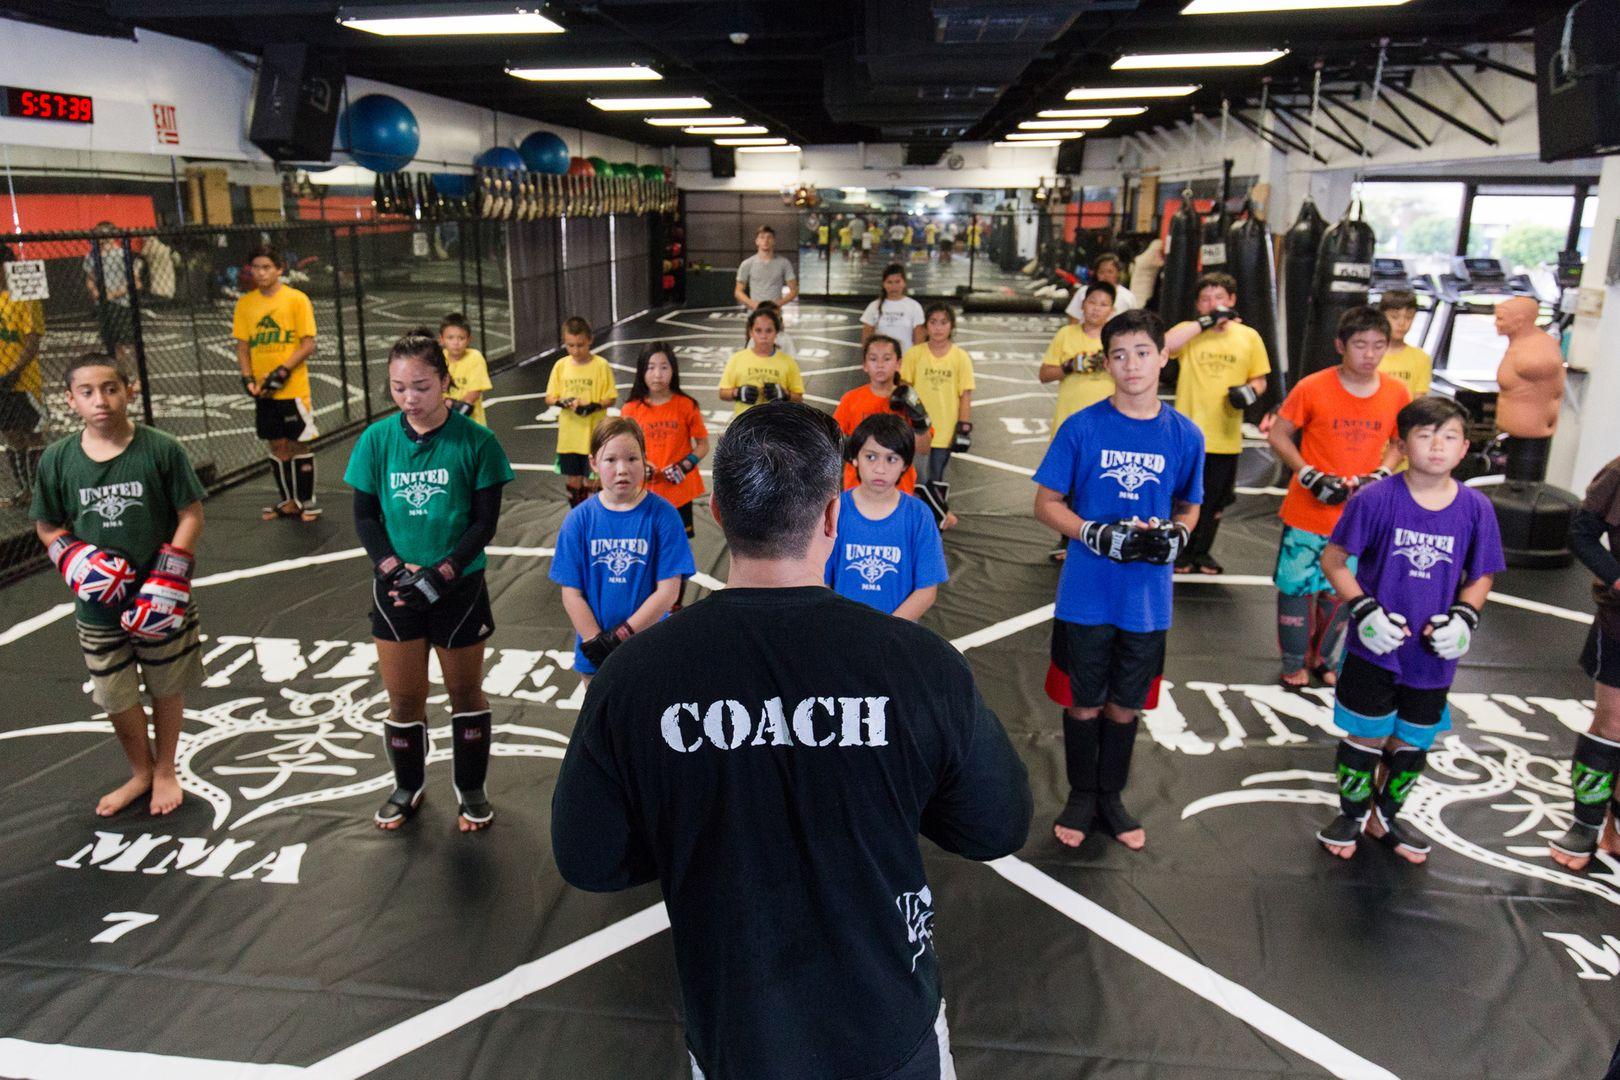 「United MMA」で子どもたちを指導するケン・リー